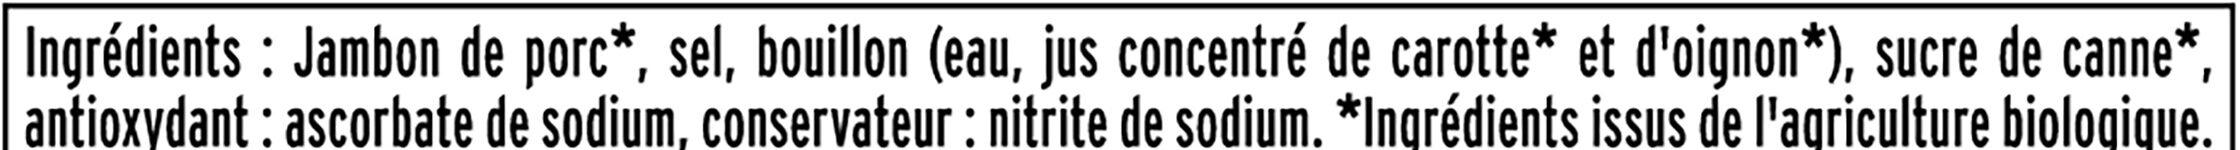 Le jambon bio torchon - 4 tranches fines sans couenne - Ingrédients - fr